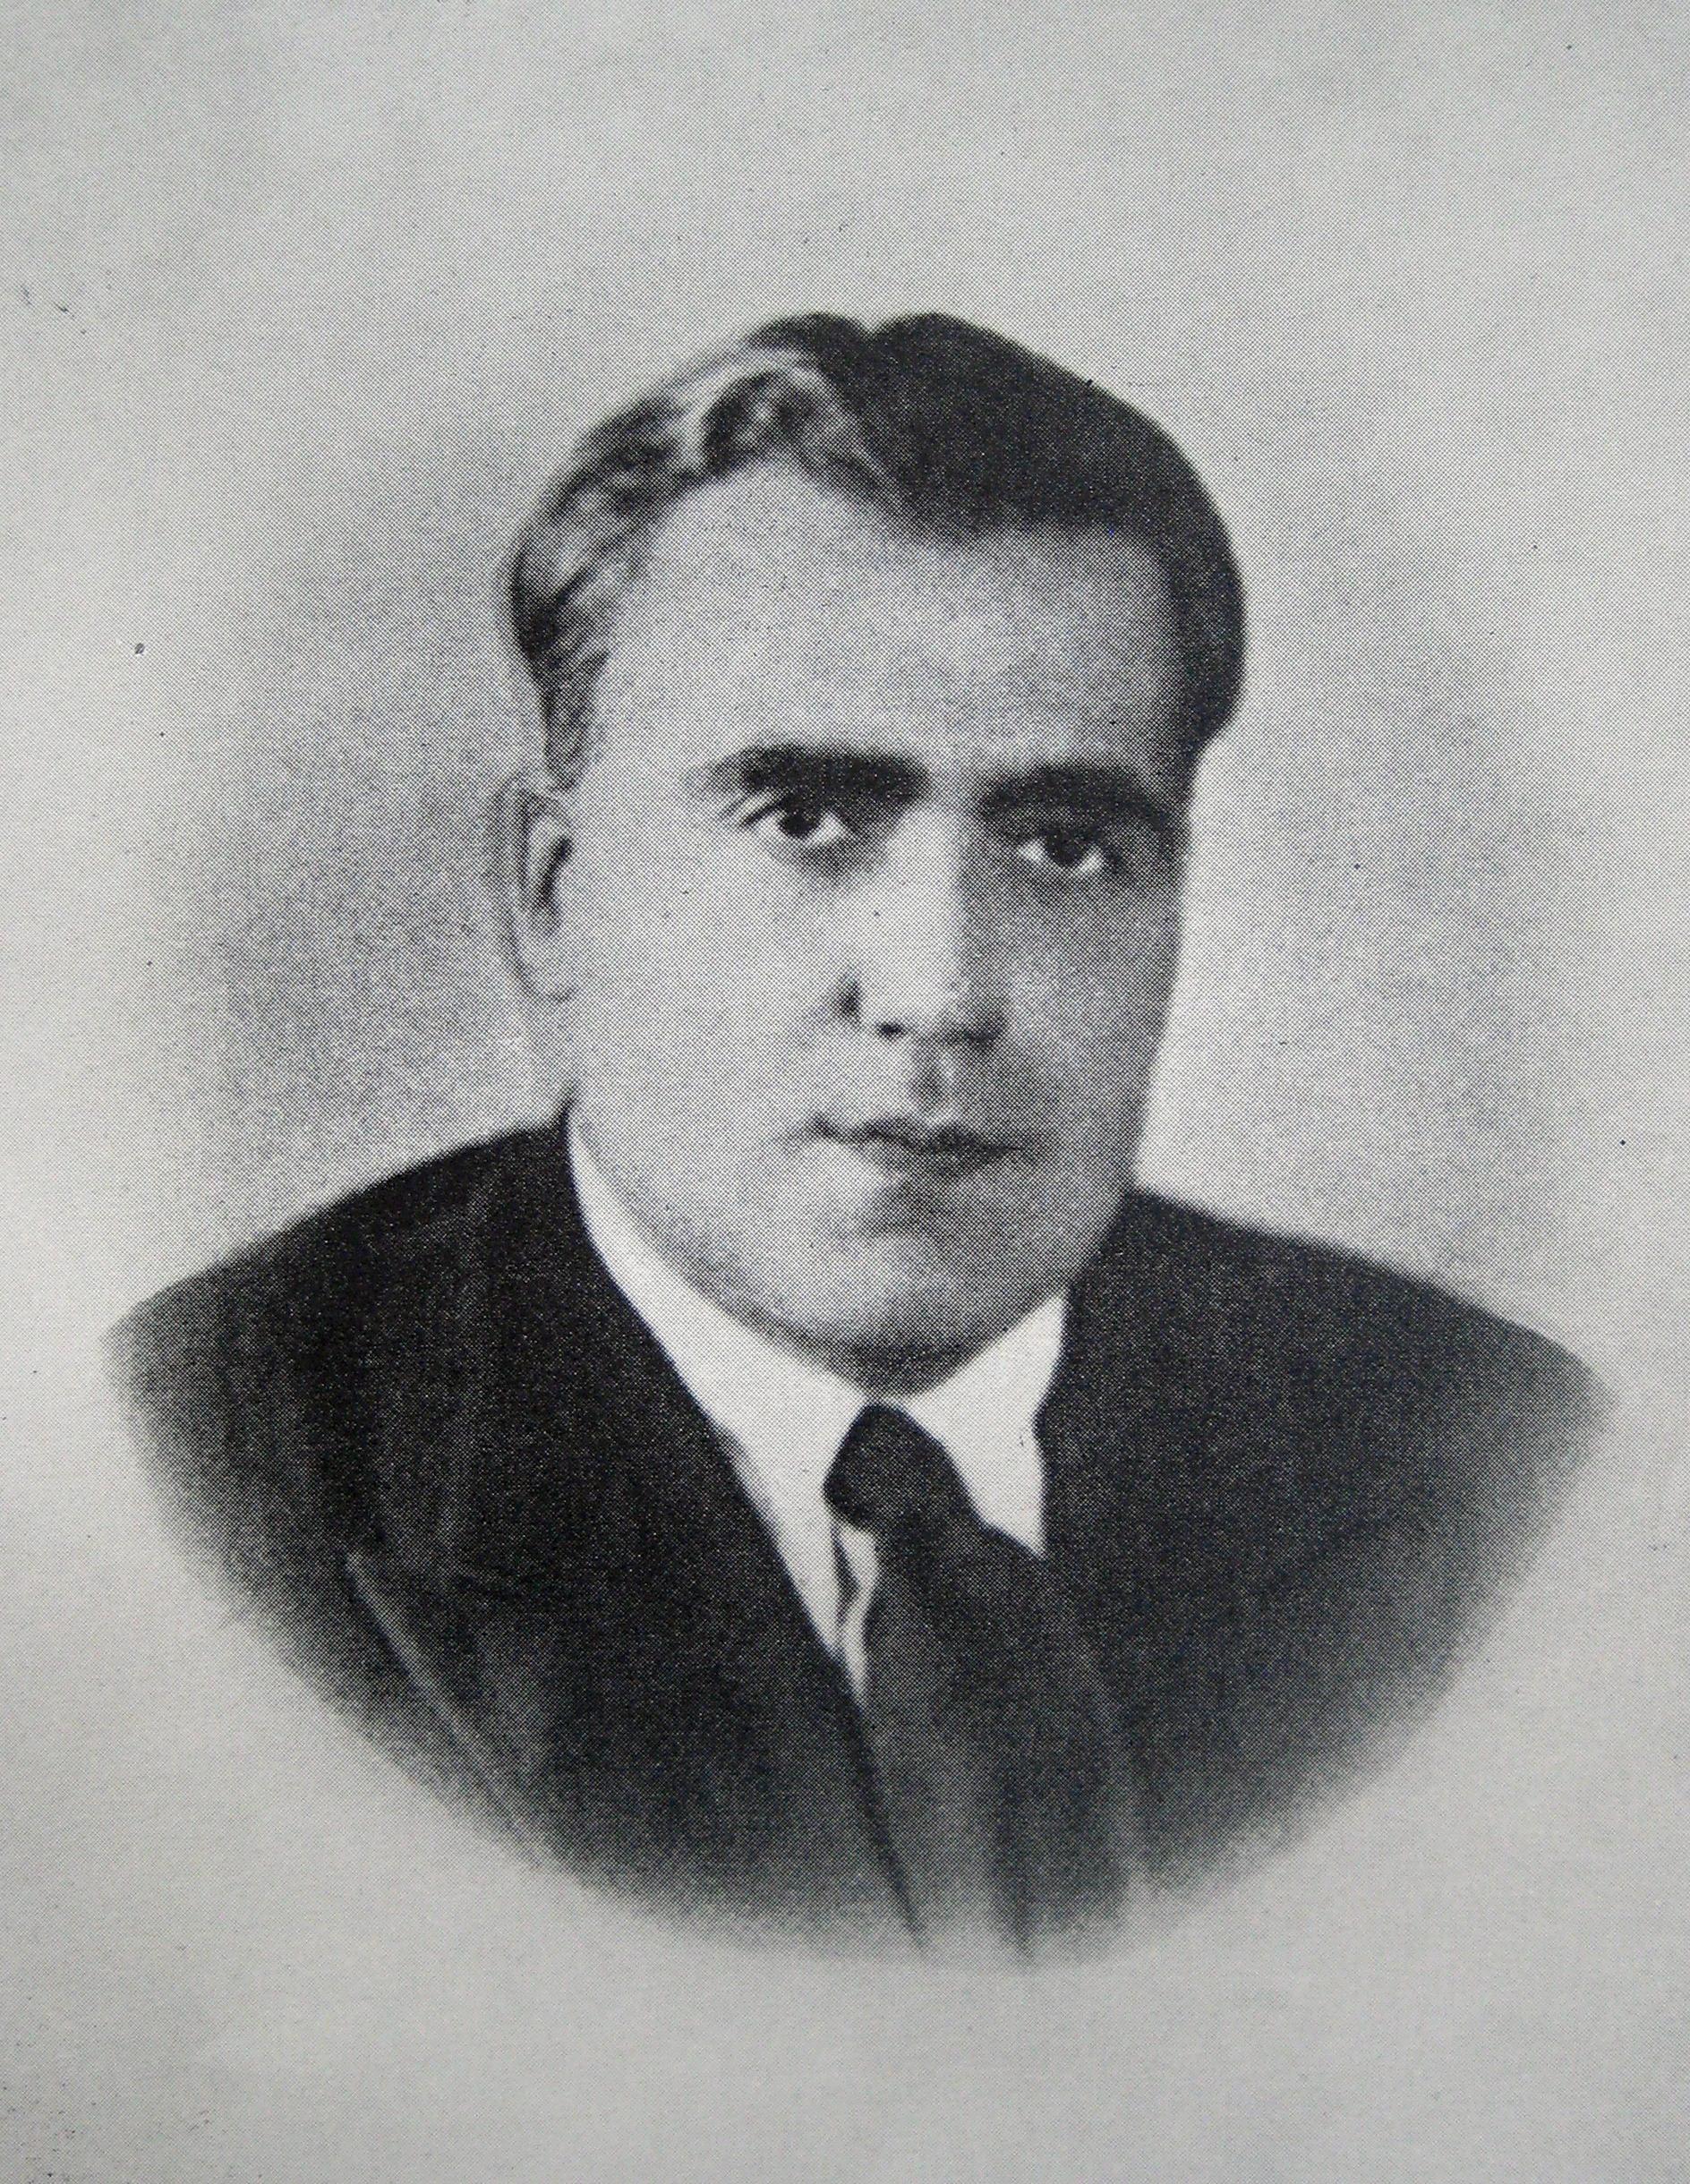 G. KRALL